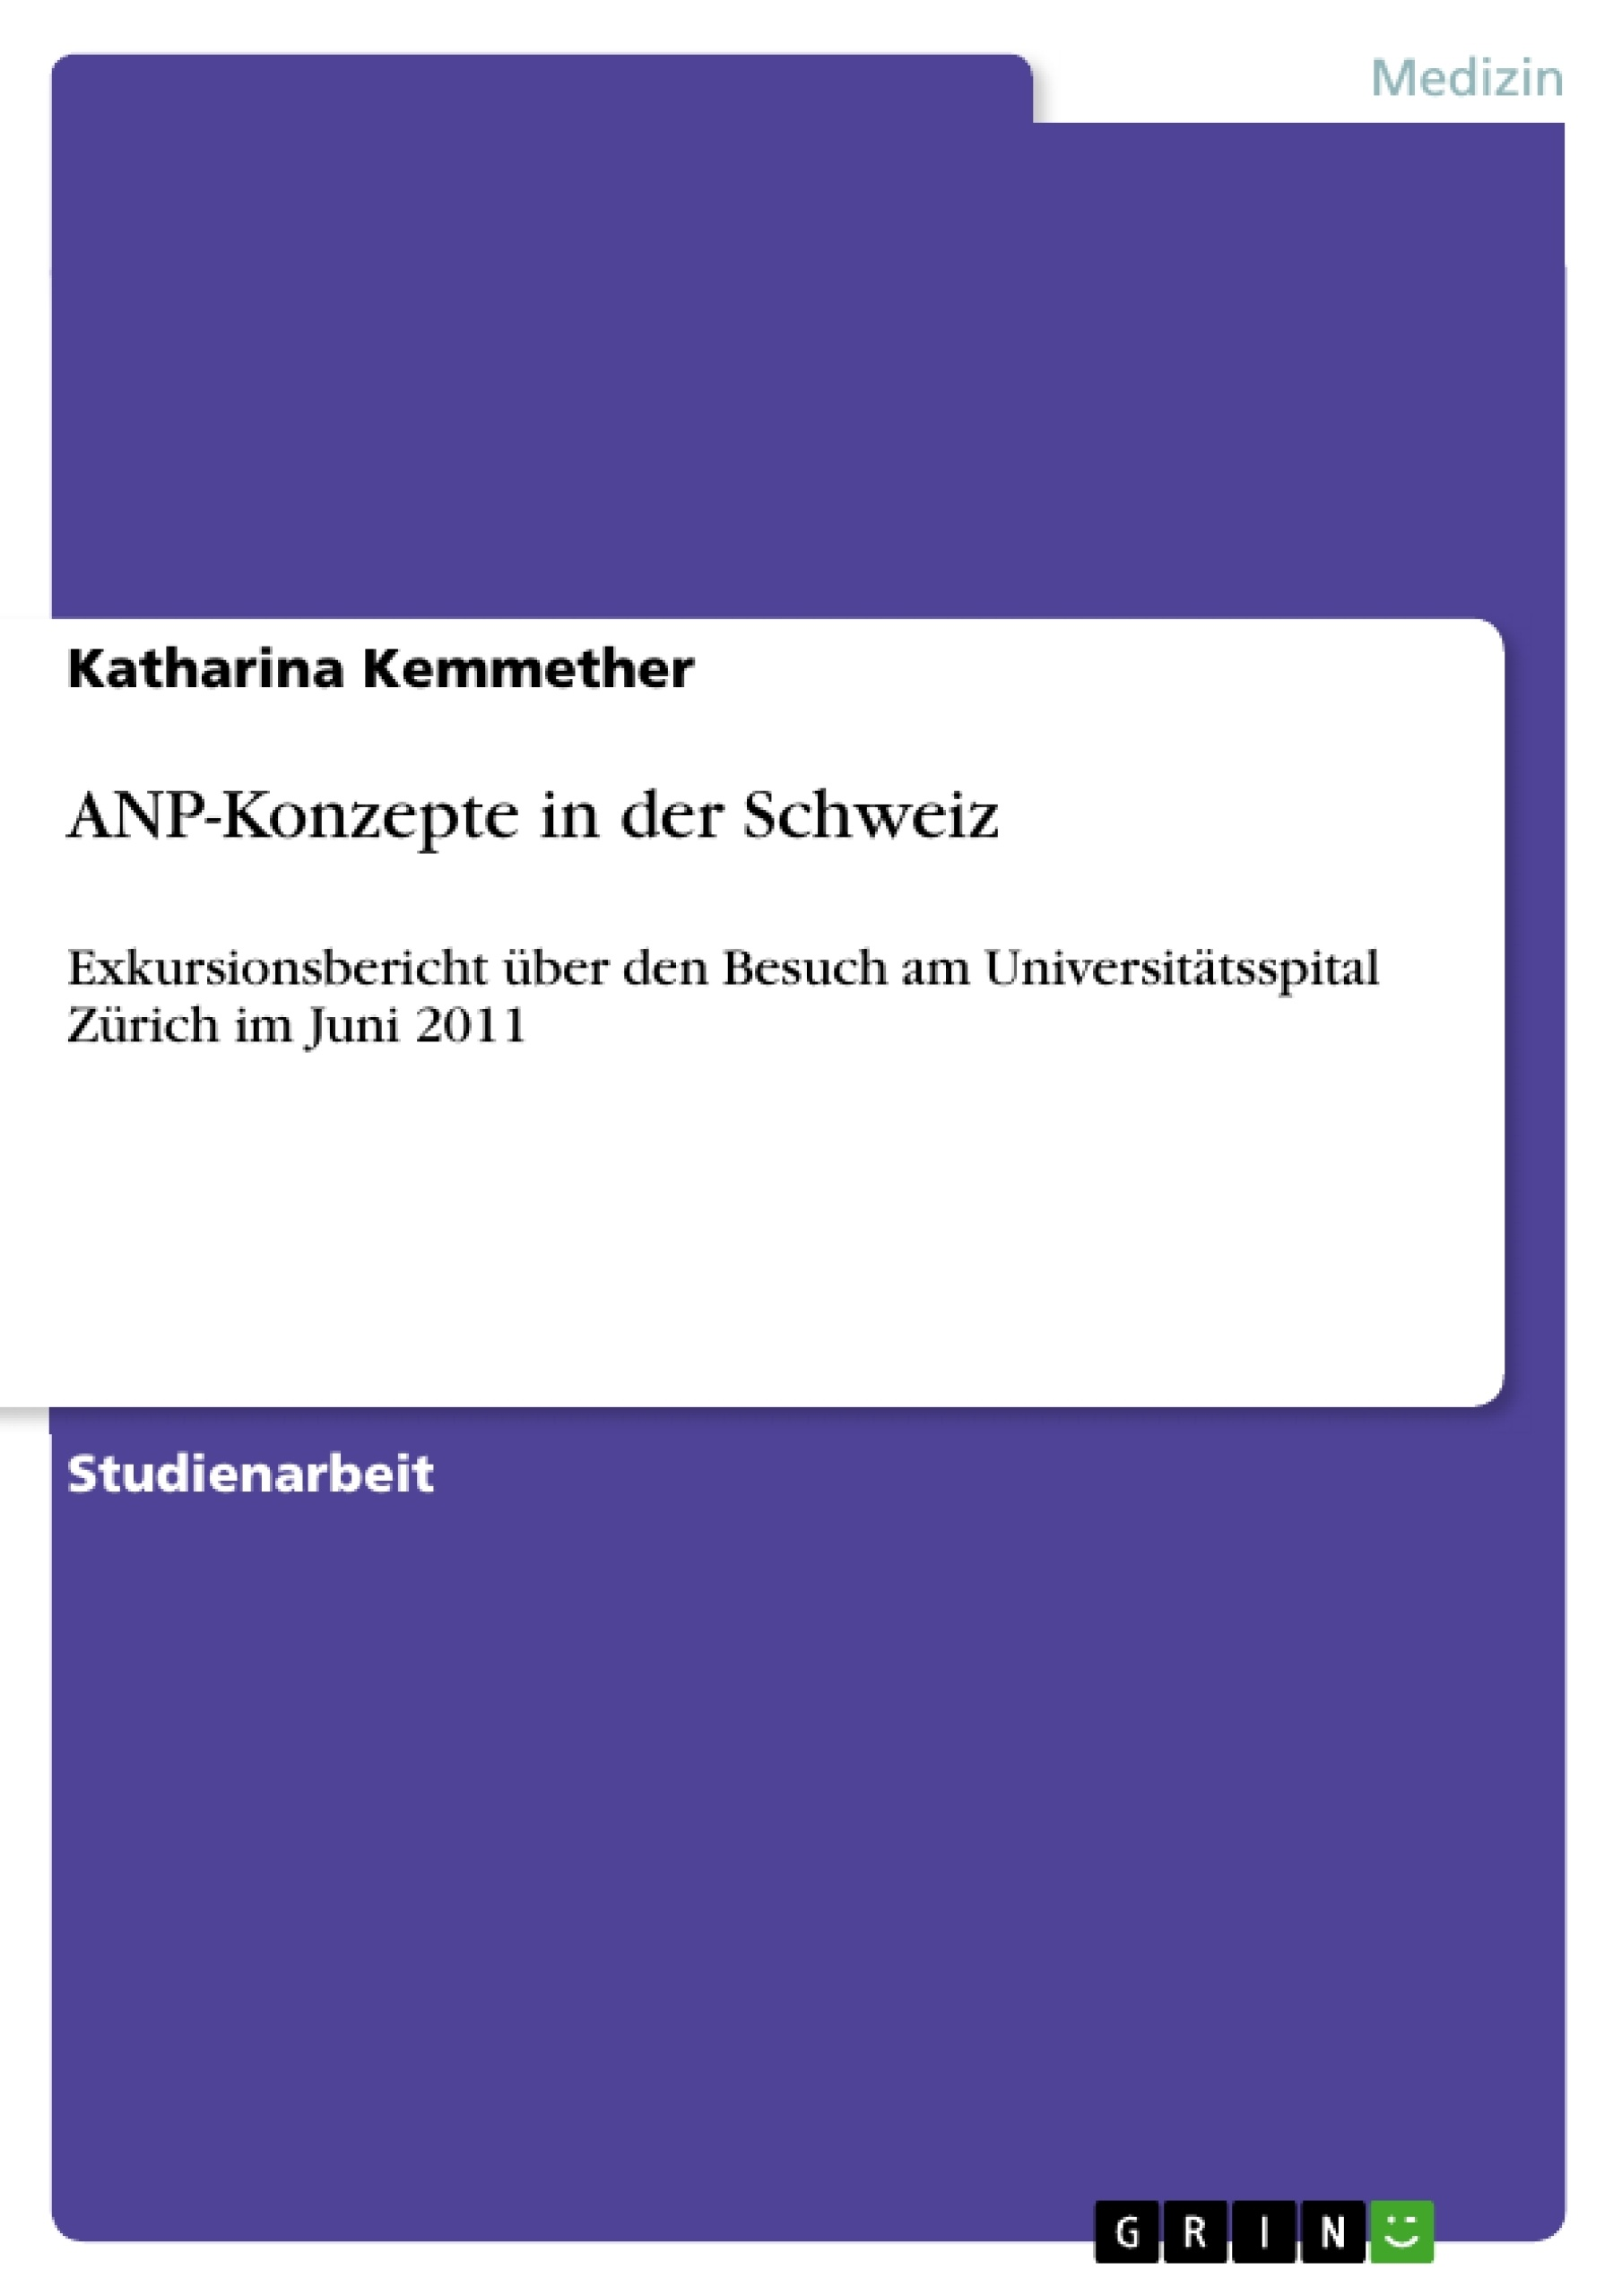 Titel: ANP-Konzepte in der Schweiz